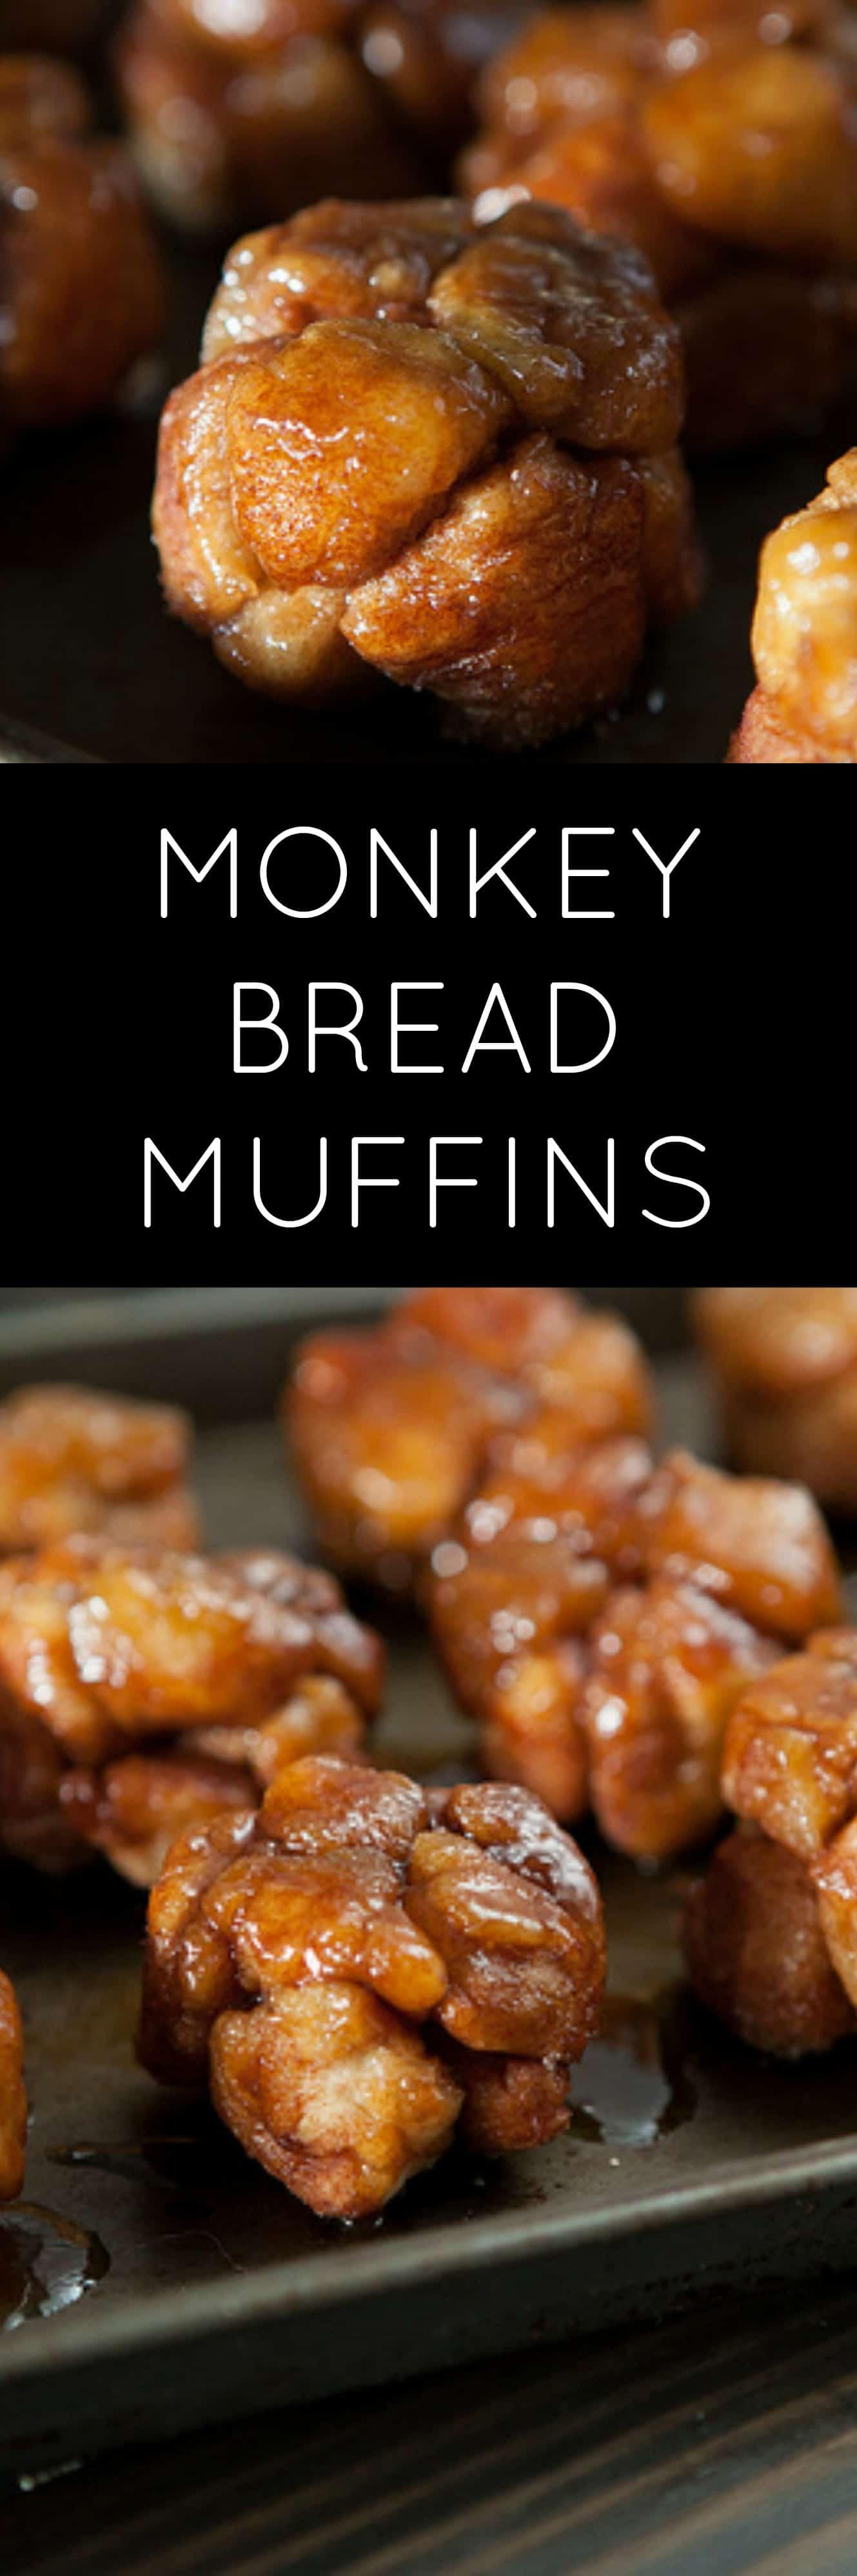 Monkey Bread Muffins - Brooklyn Farm Girl